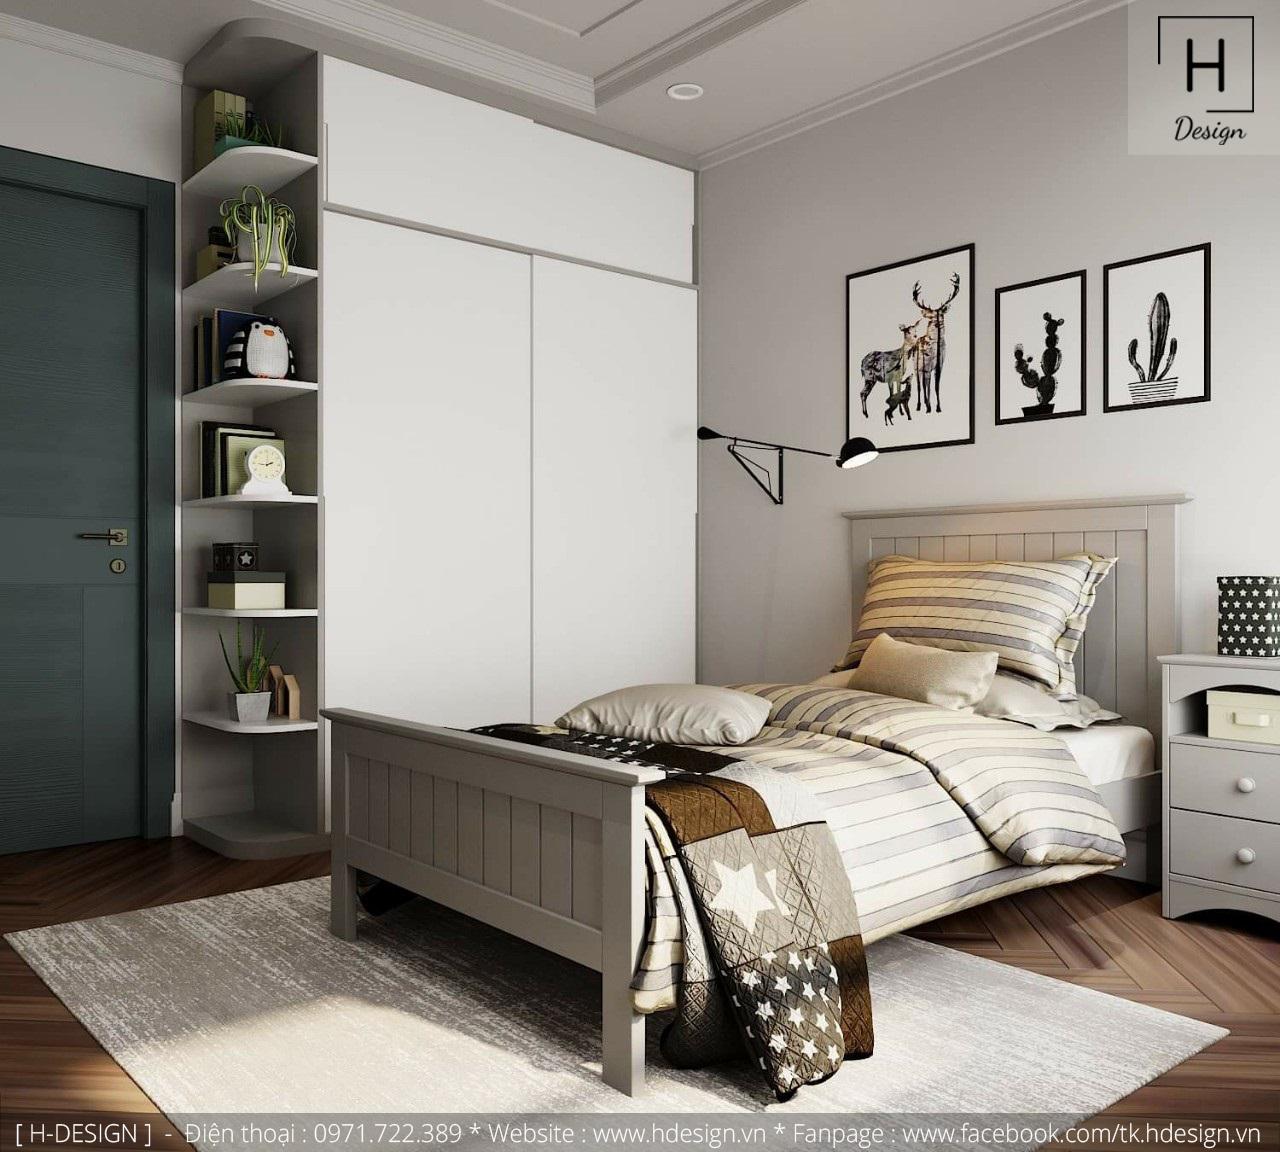 Thiết kế thi công nội thất chung cư D'Capital 10